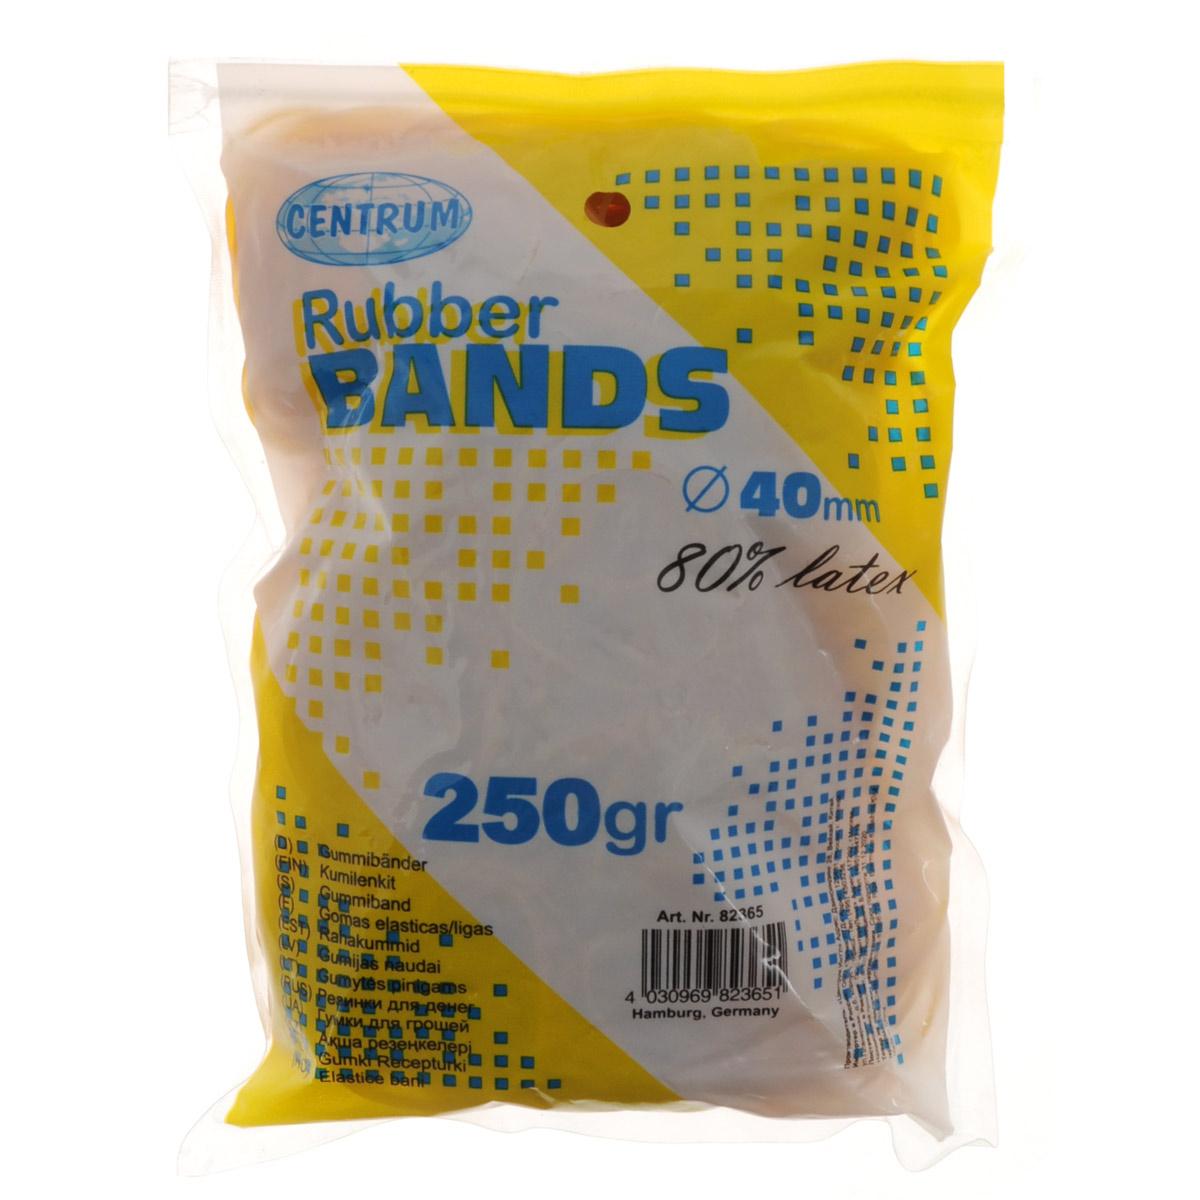 Резинки банковские Centrum, цвет: желтый, 4 см, 250 г82365Банковские резинки Centrum предназначены для перетягивания денежных купюр, пакетов, пластиковых карт, бумаг и визиток. Они изготовлены из каучука желтого цвета с латексом, благодаря чему их не так легко порвать, даже если сильно растянуть.